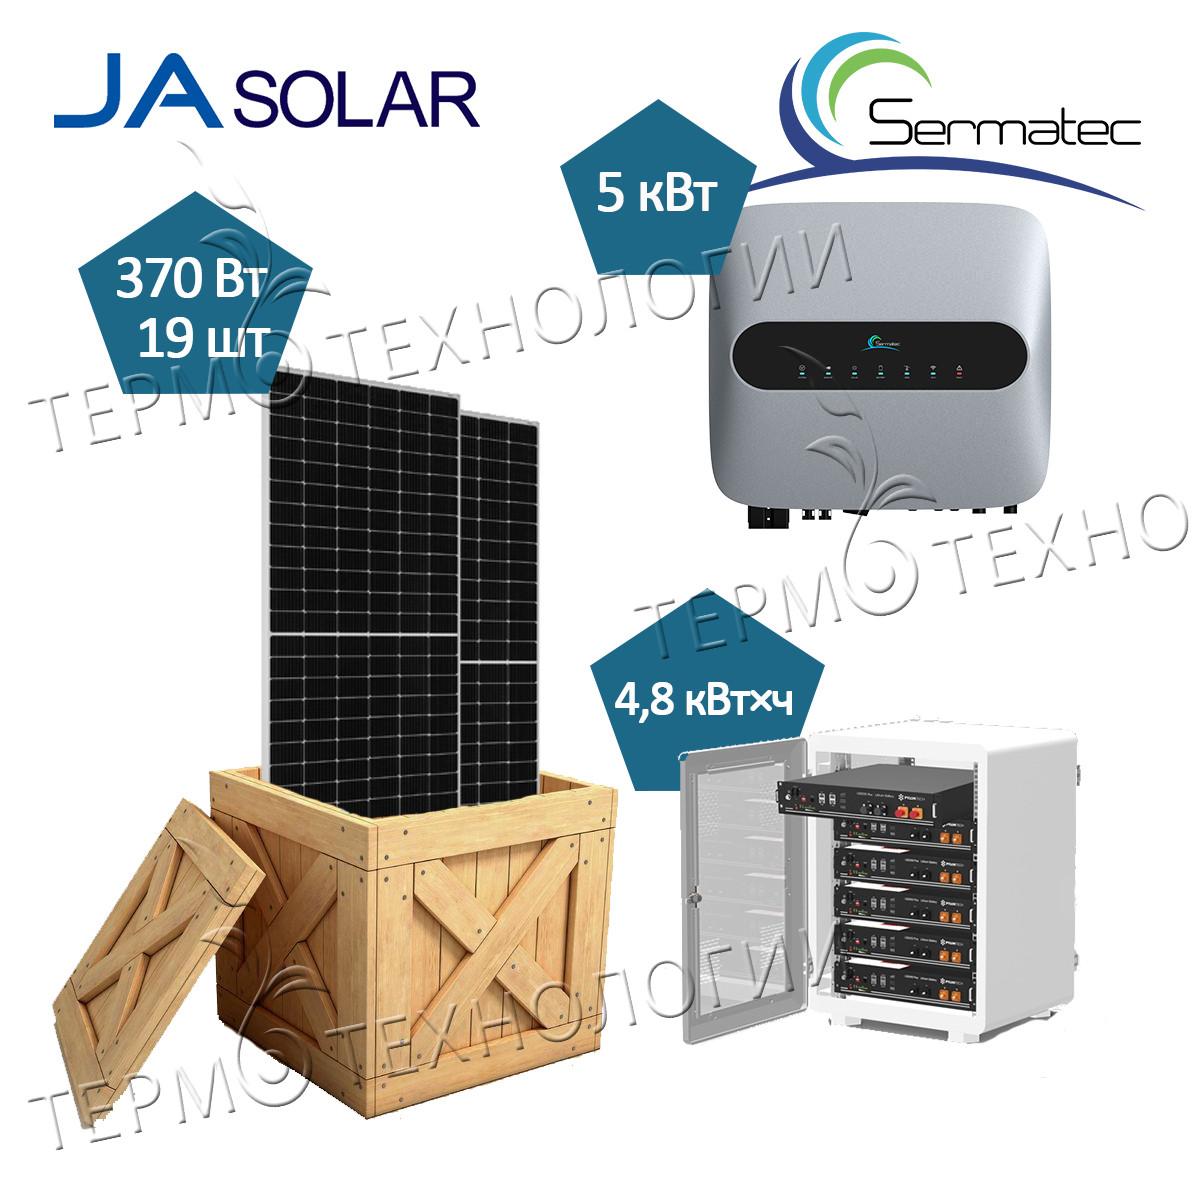 Комплект для гибридной солнечной станции 5 кВт Sermatec и JaSolar 370 Вт